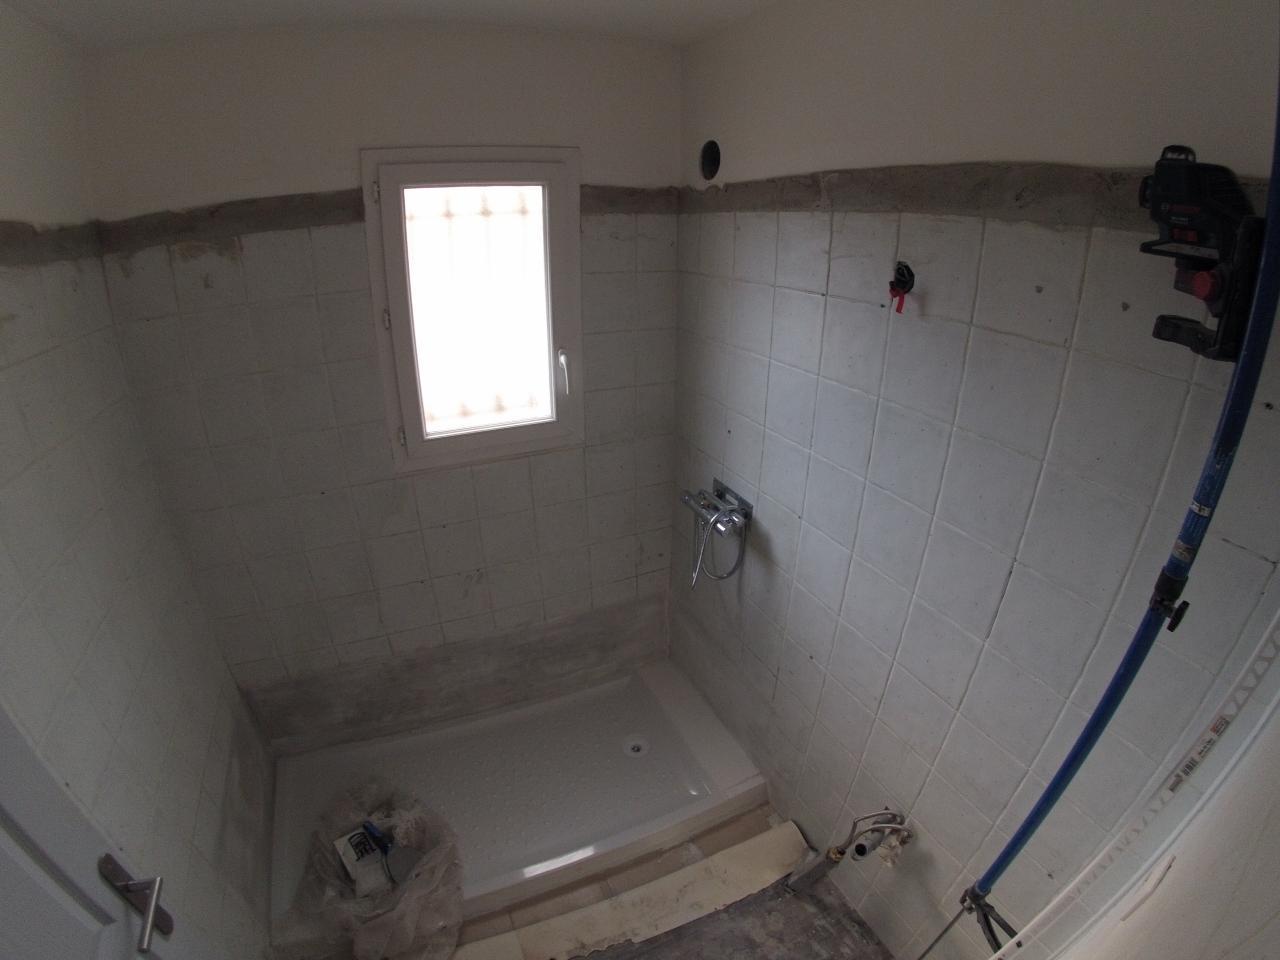 13 une nouvelle salle de bain en 8 jours for Nouvelle salle de bain